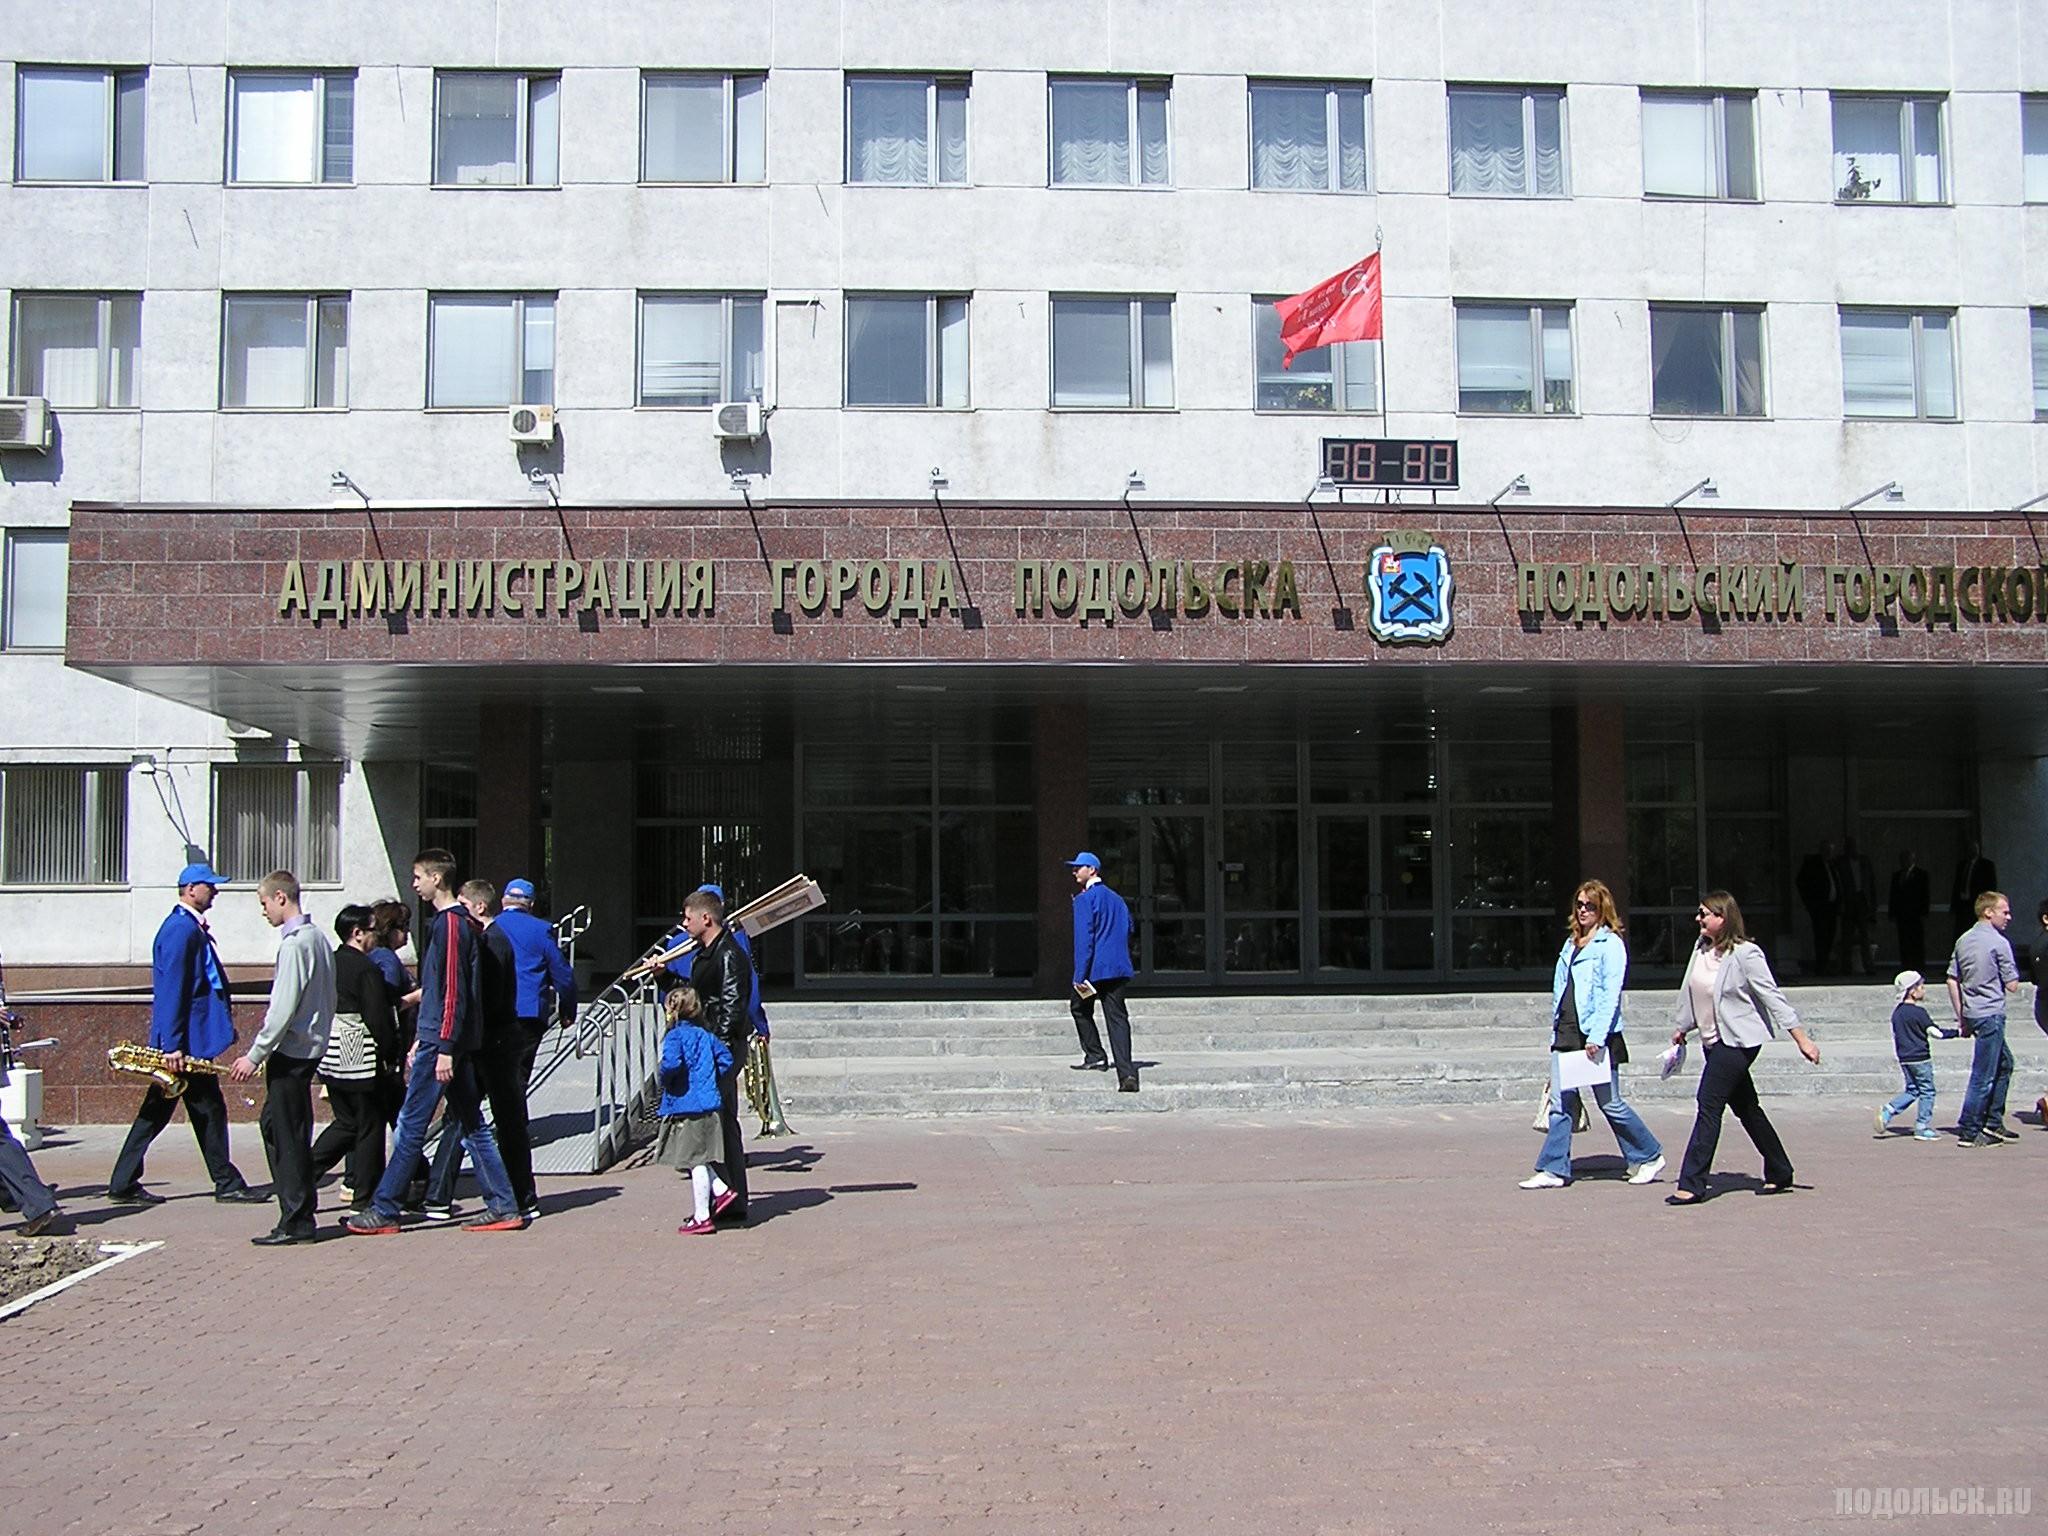 Здание администрации Подольска, 9 мая 2015 г.